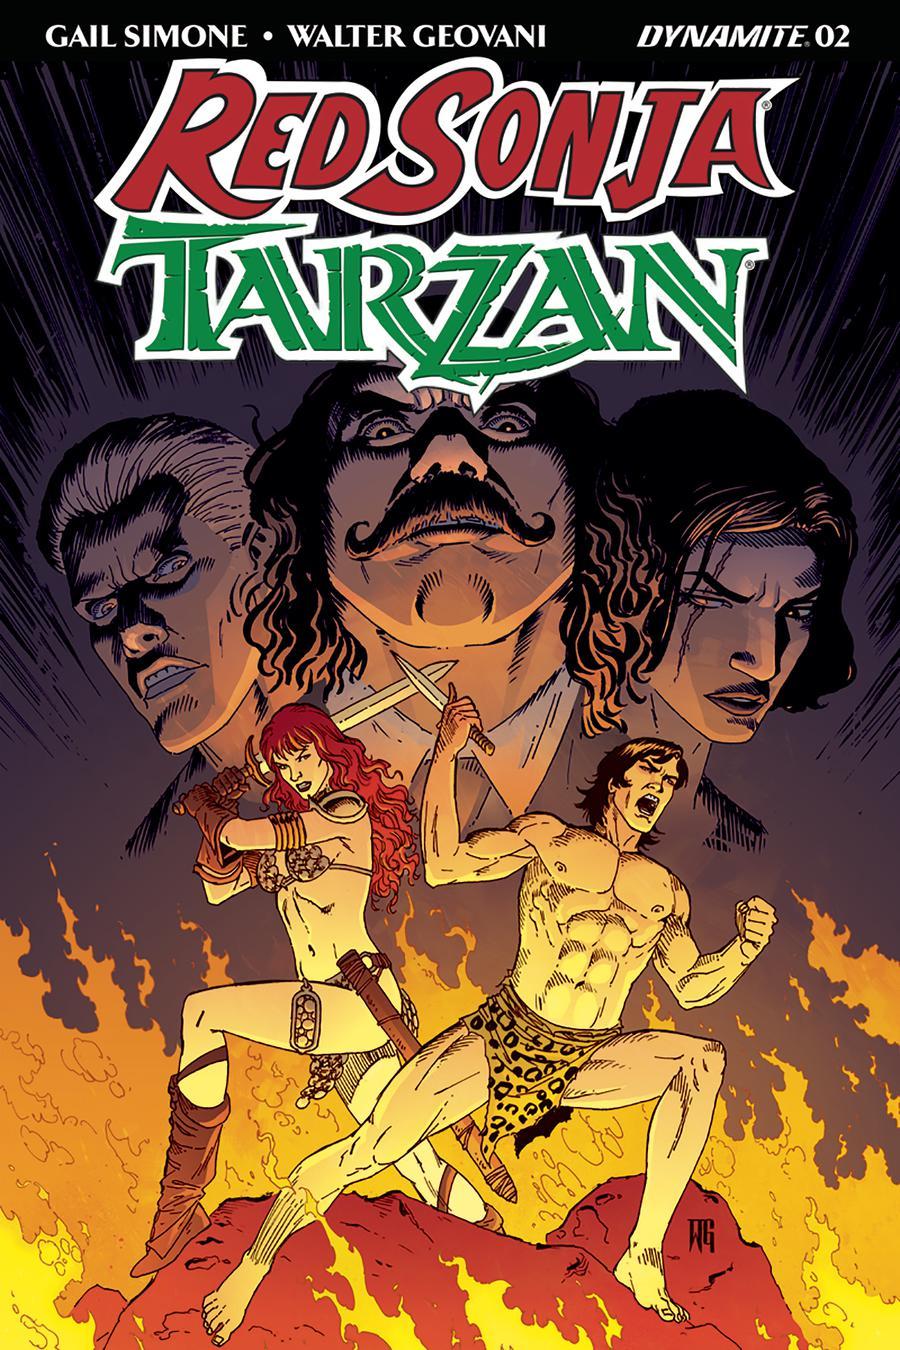 Red Sonja Tarzan #2 Cover B Variant Walter Geovani Cover